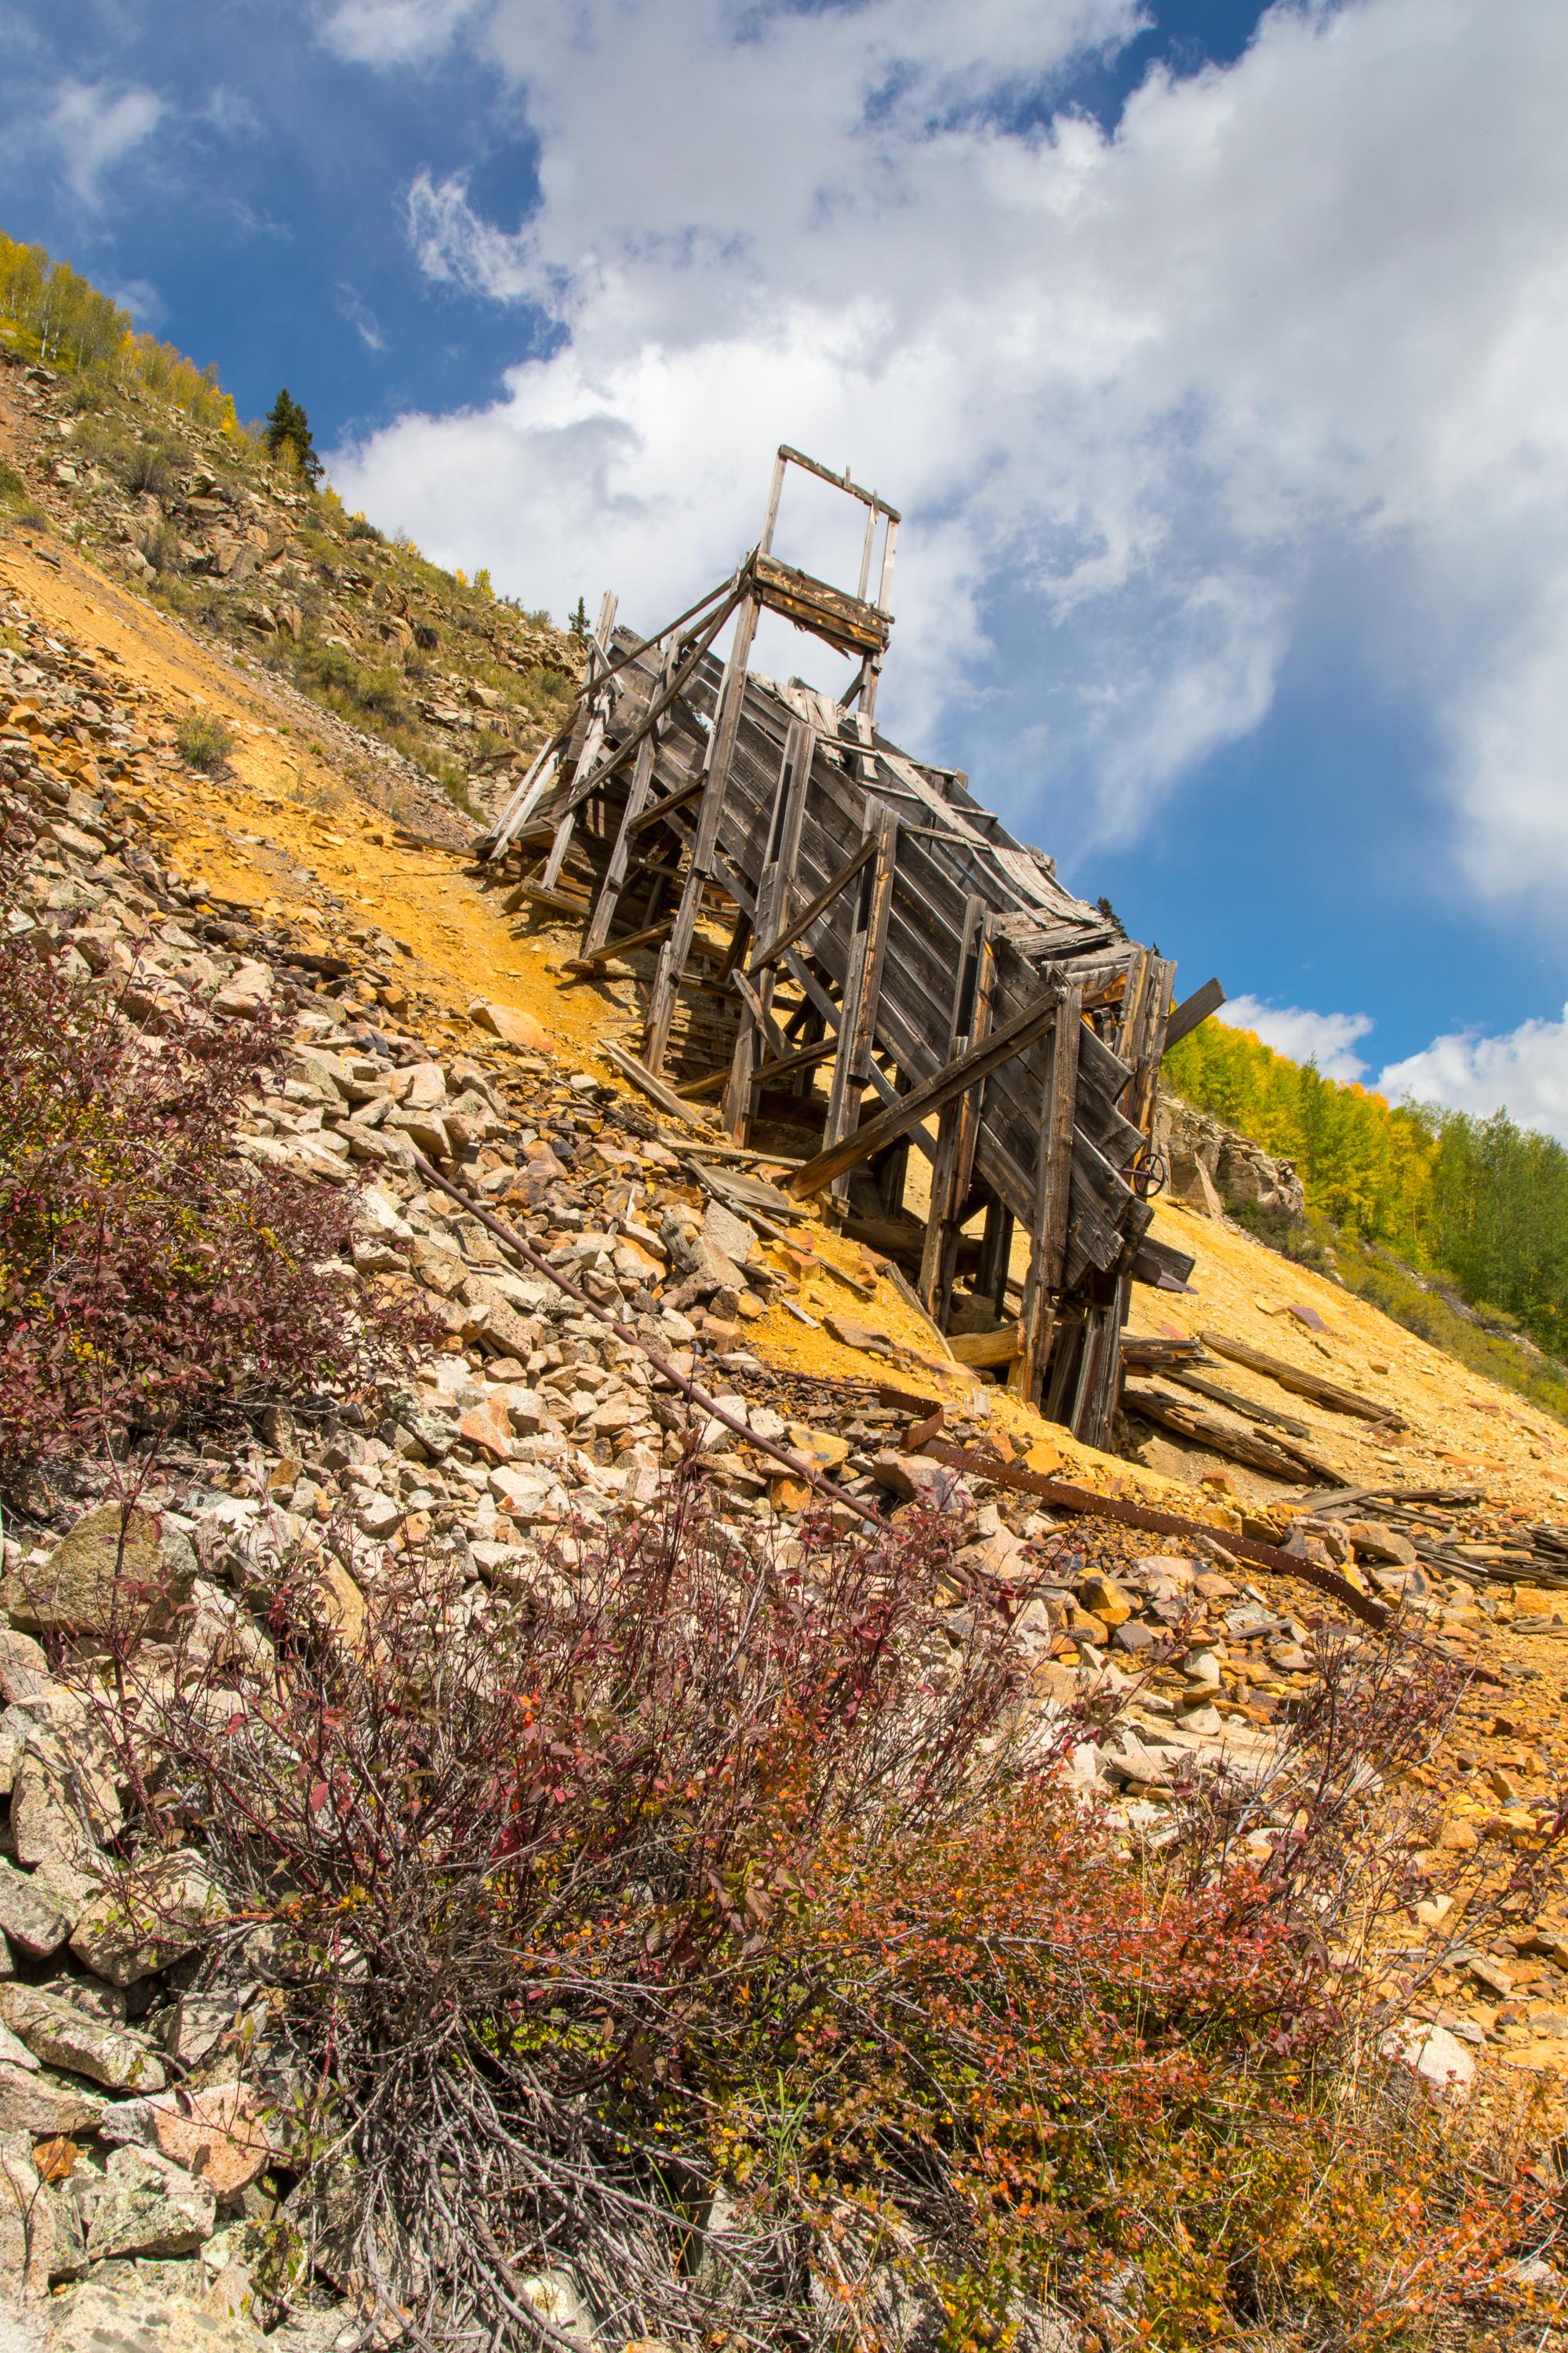 Silverton, Colorado, Image # 0561